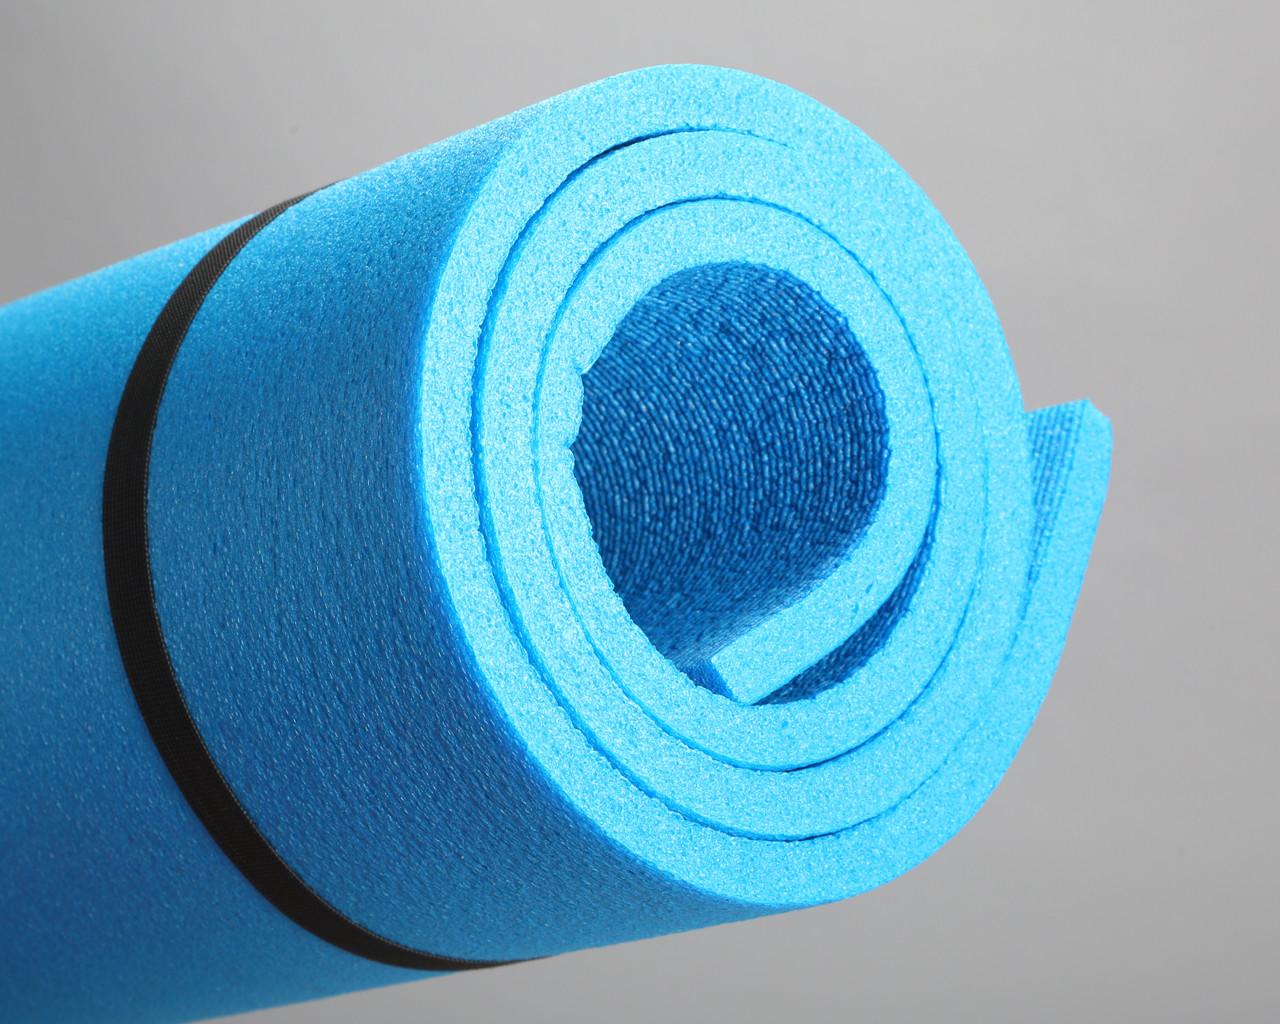 Коврик для занятий спортом, синий 1,8*0,6м 16мм толщина